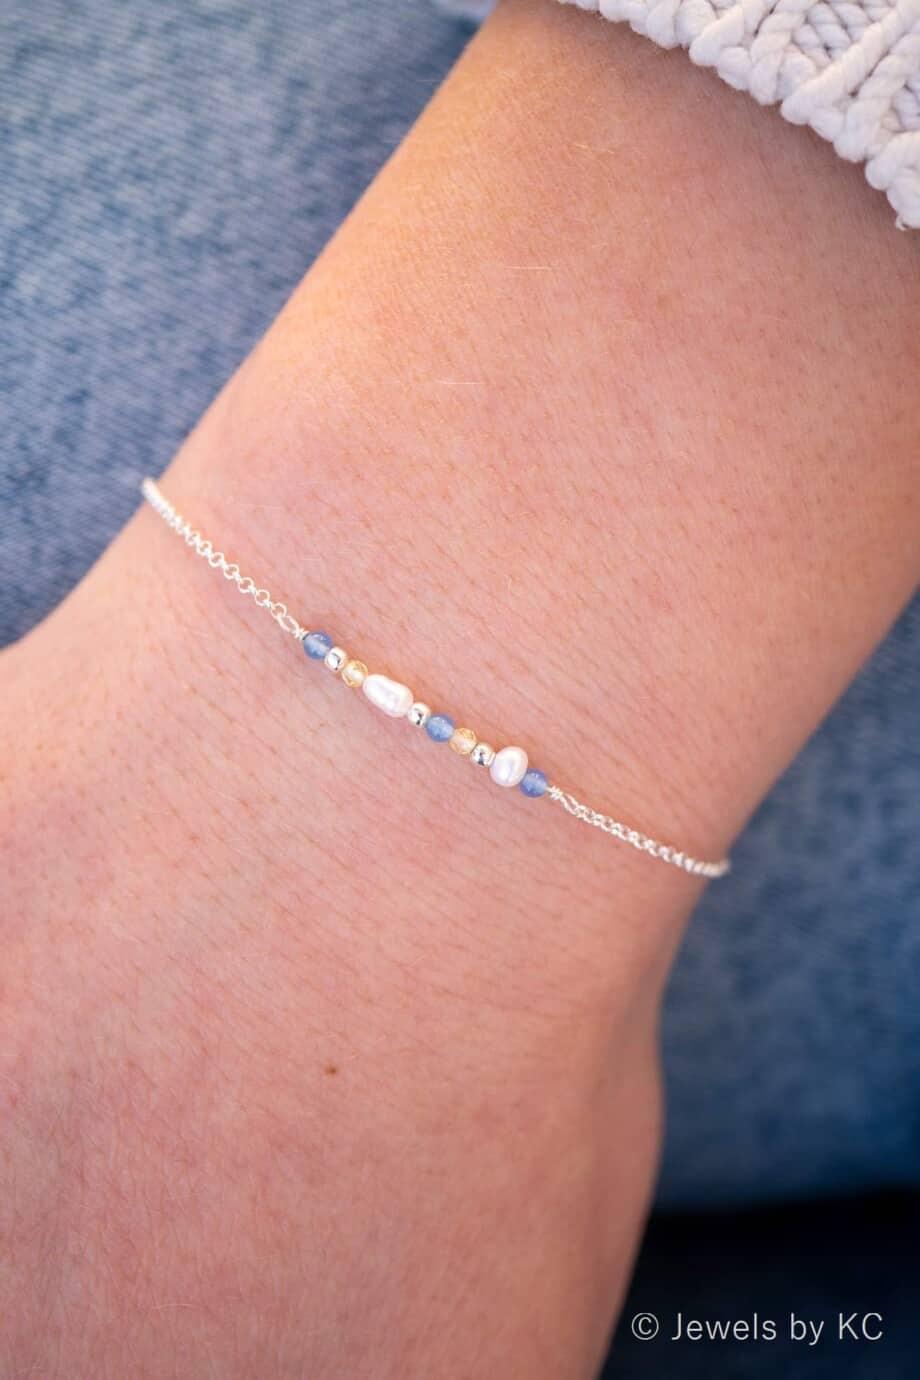 Minimalistisch Zilveren armbandje met Blauwe Jade Edelsteen en gele Citrien edelsteen van Sterling Zilver